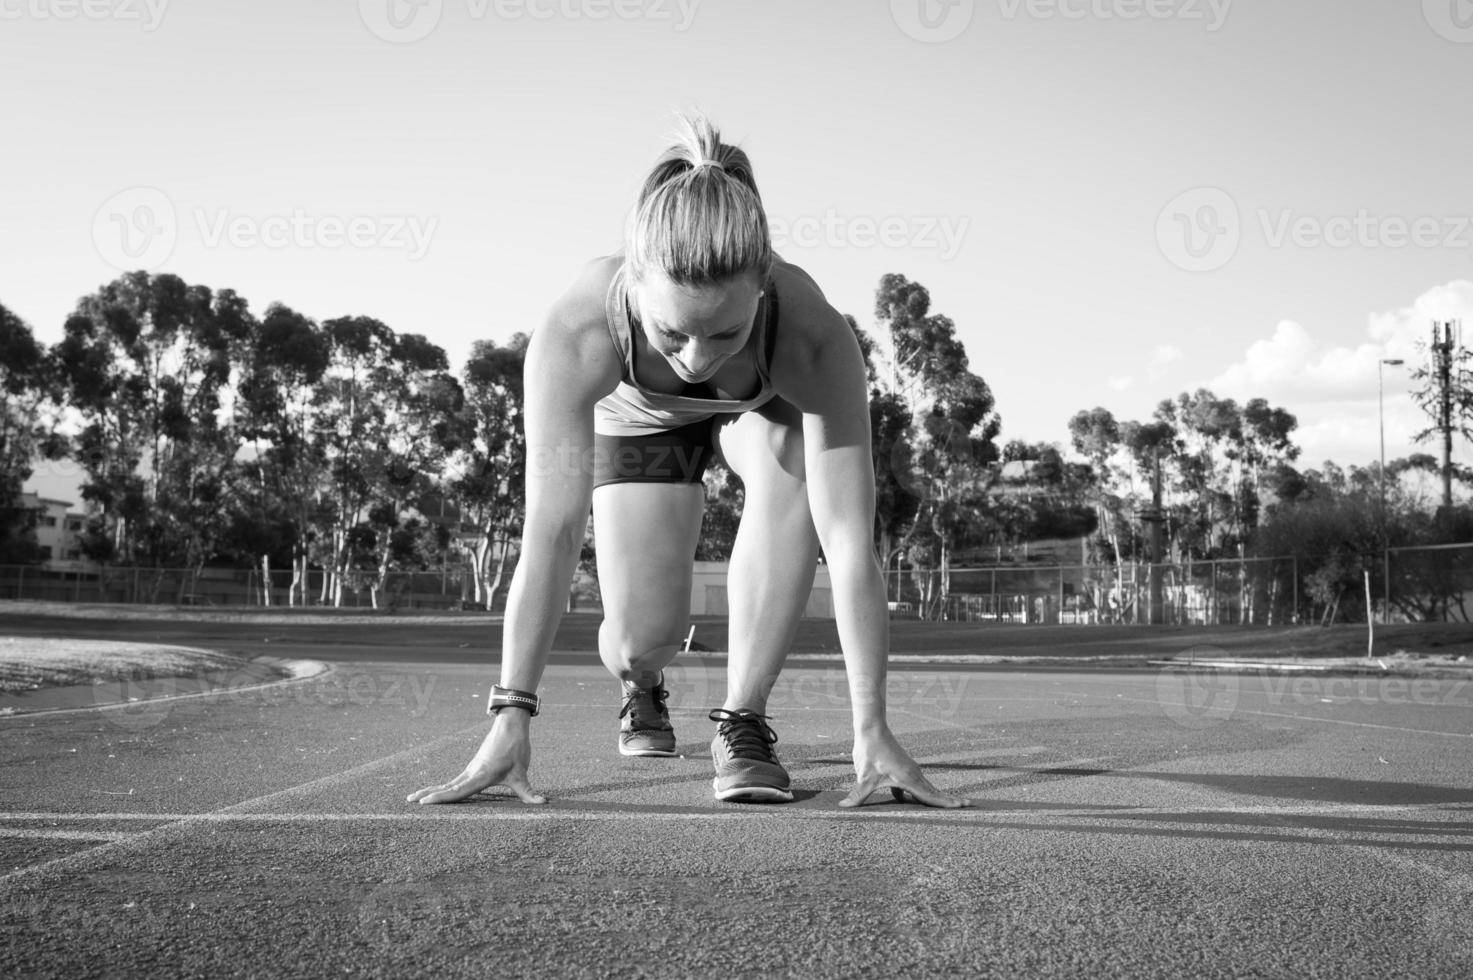 Läuferin auf einer Leichtathletikbahn foto